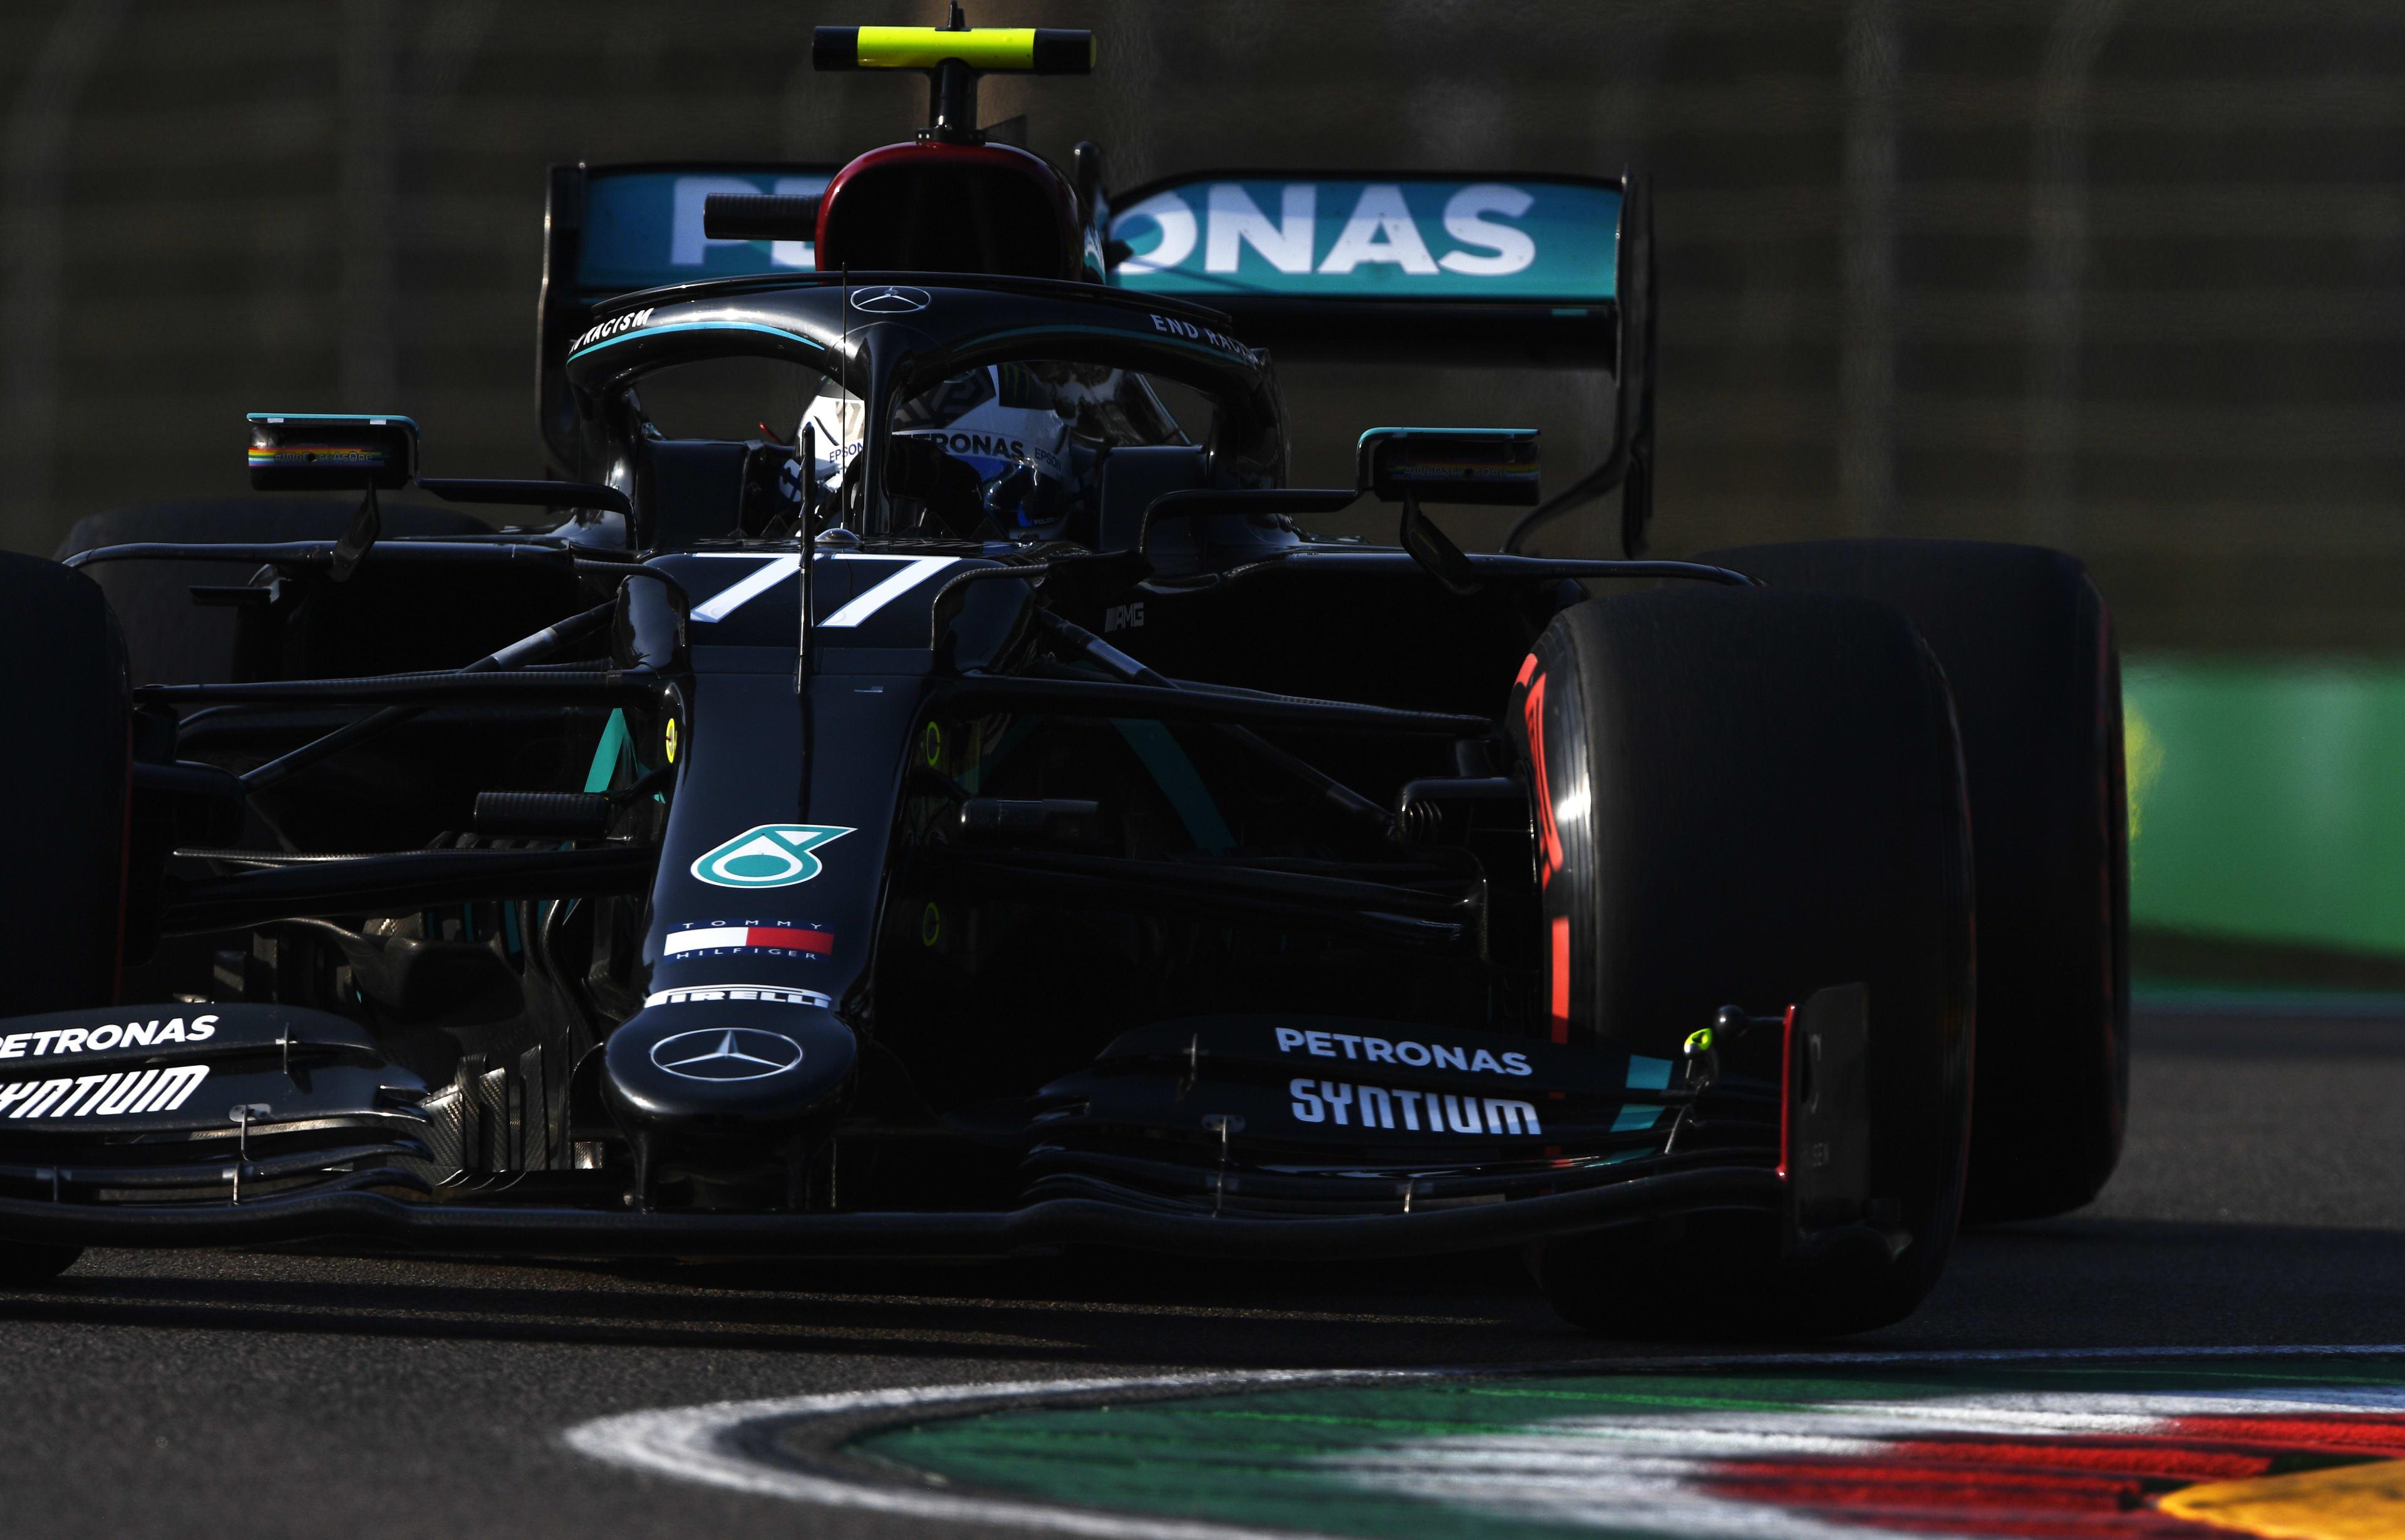 2020 Emilia Romagna Grand Prix qualifying report: Bottas beats Hamilton to take pole at Imola as Verstappen survives Q2 scare to take 3rd | Formula 1®